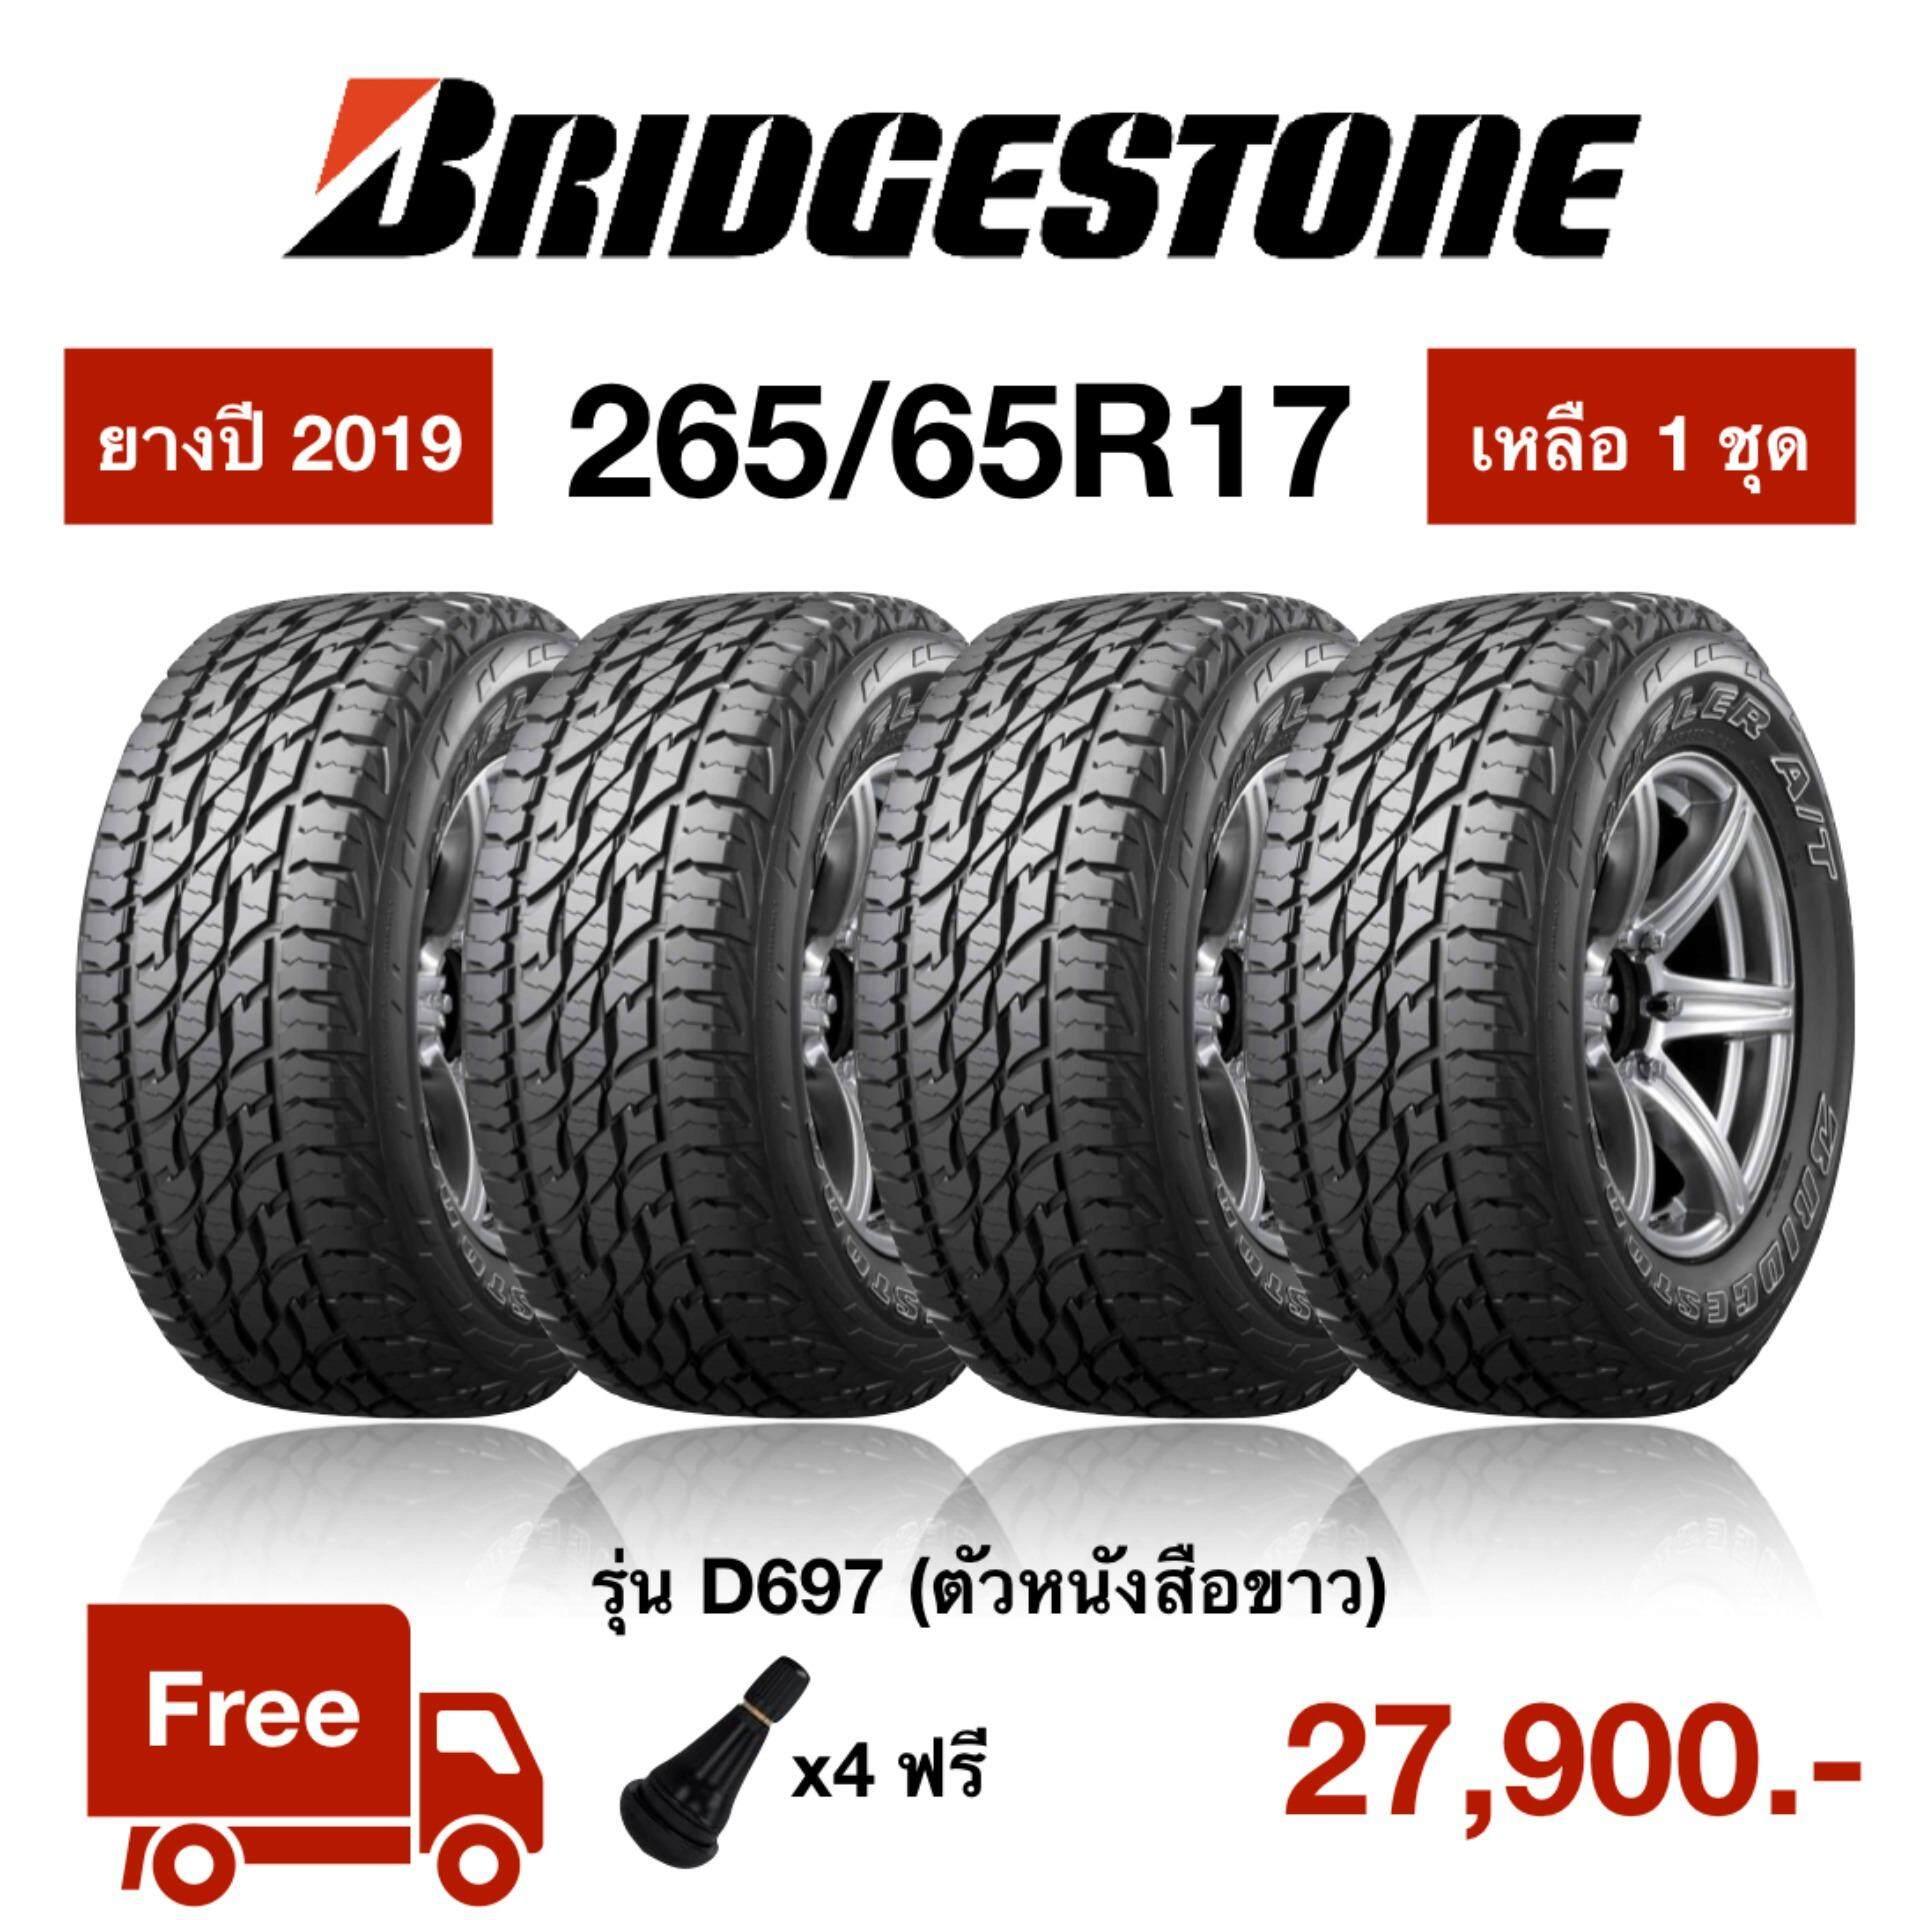 ประกันภัย รถยนต์ แบบ ผ่อน ได้ สตูล Bridgestone ยางรถยนต์ 265/65R17 DUELER A/T 697 ตัวหนังสือขาว จำนวน 4 เส้น (ยางใหม่ปี 2019)